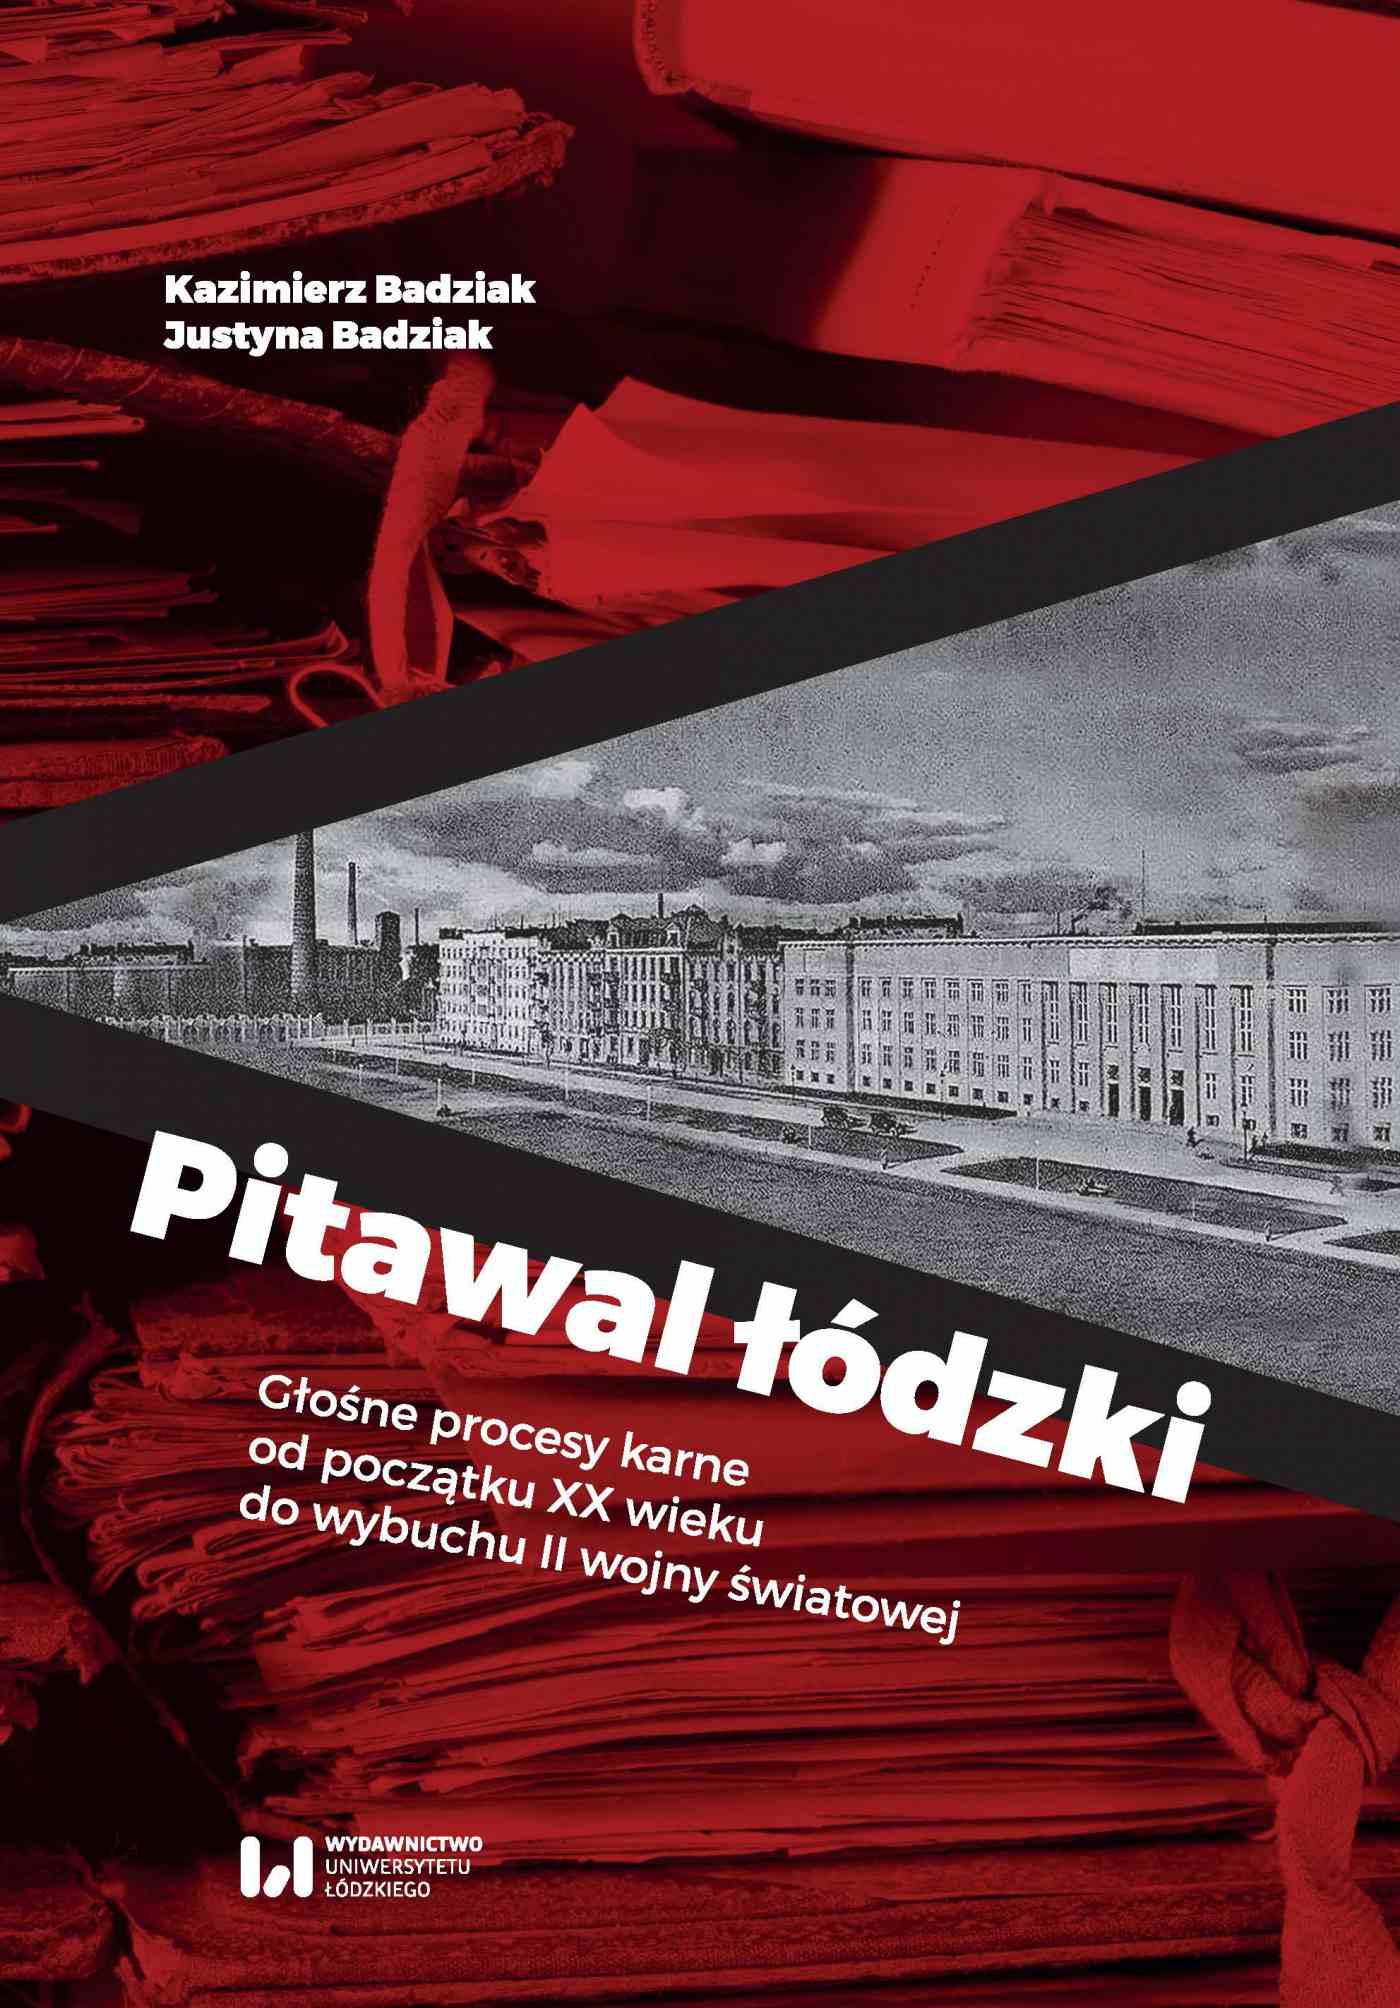 Pitawal łódzki. Głośne procesy karne od początku XX wieku do wybuchu II wojny światowej - Ebook (Książka PDF) do pobrania w formacie PDF